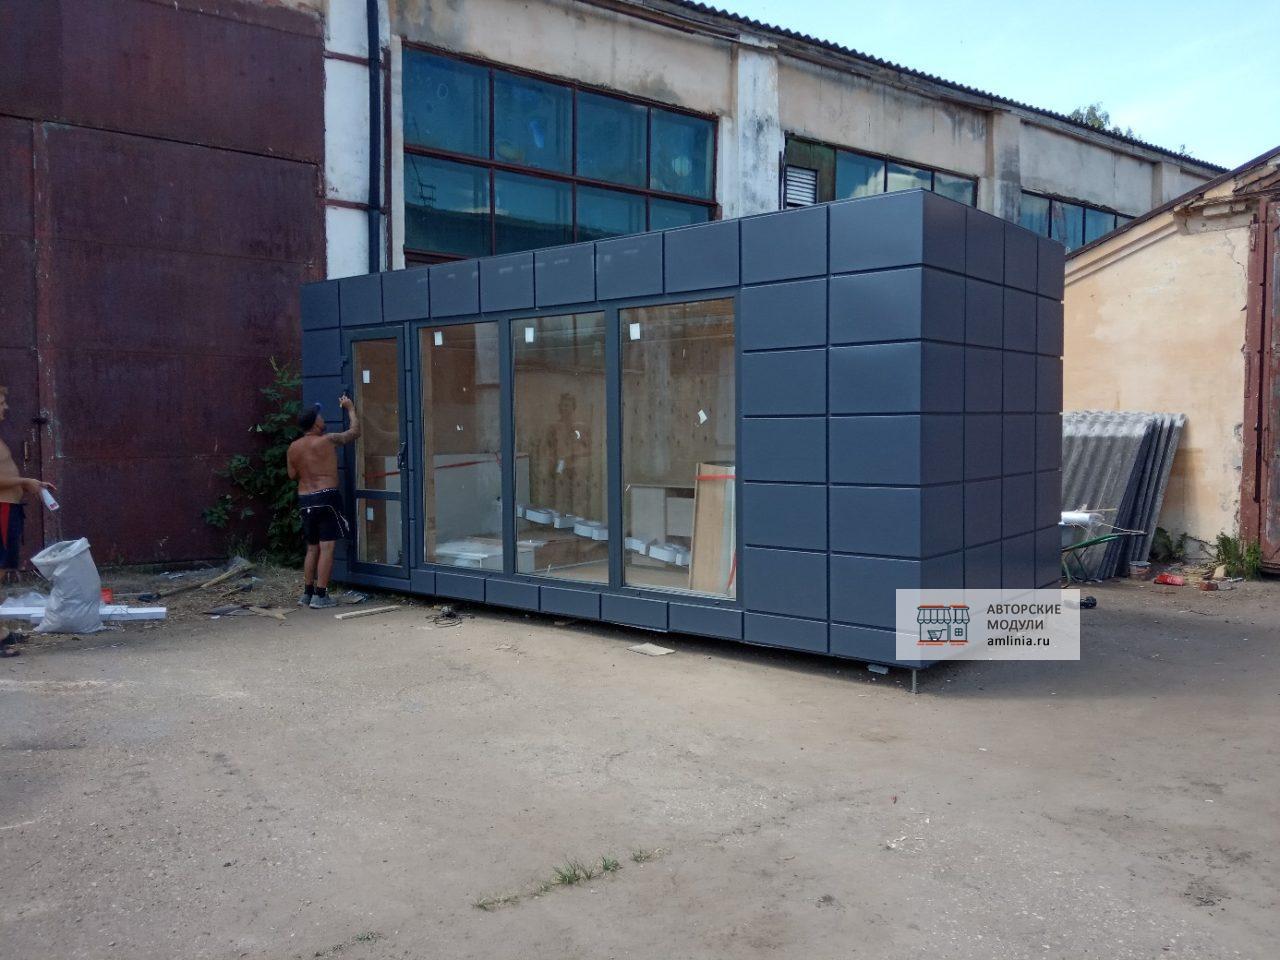 Павильон для торговли со входом графитовый, размер 6,0 х 2,5 х 2,87 метра